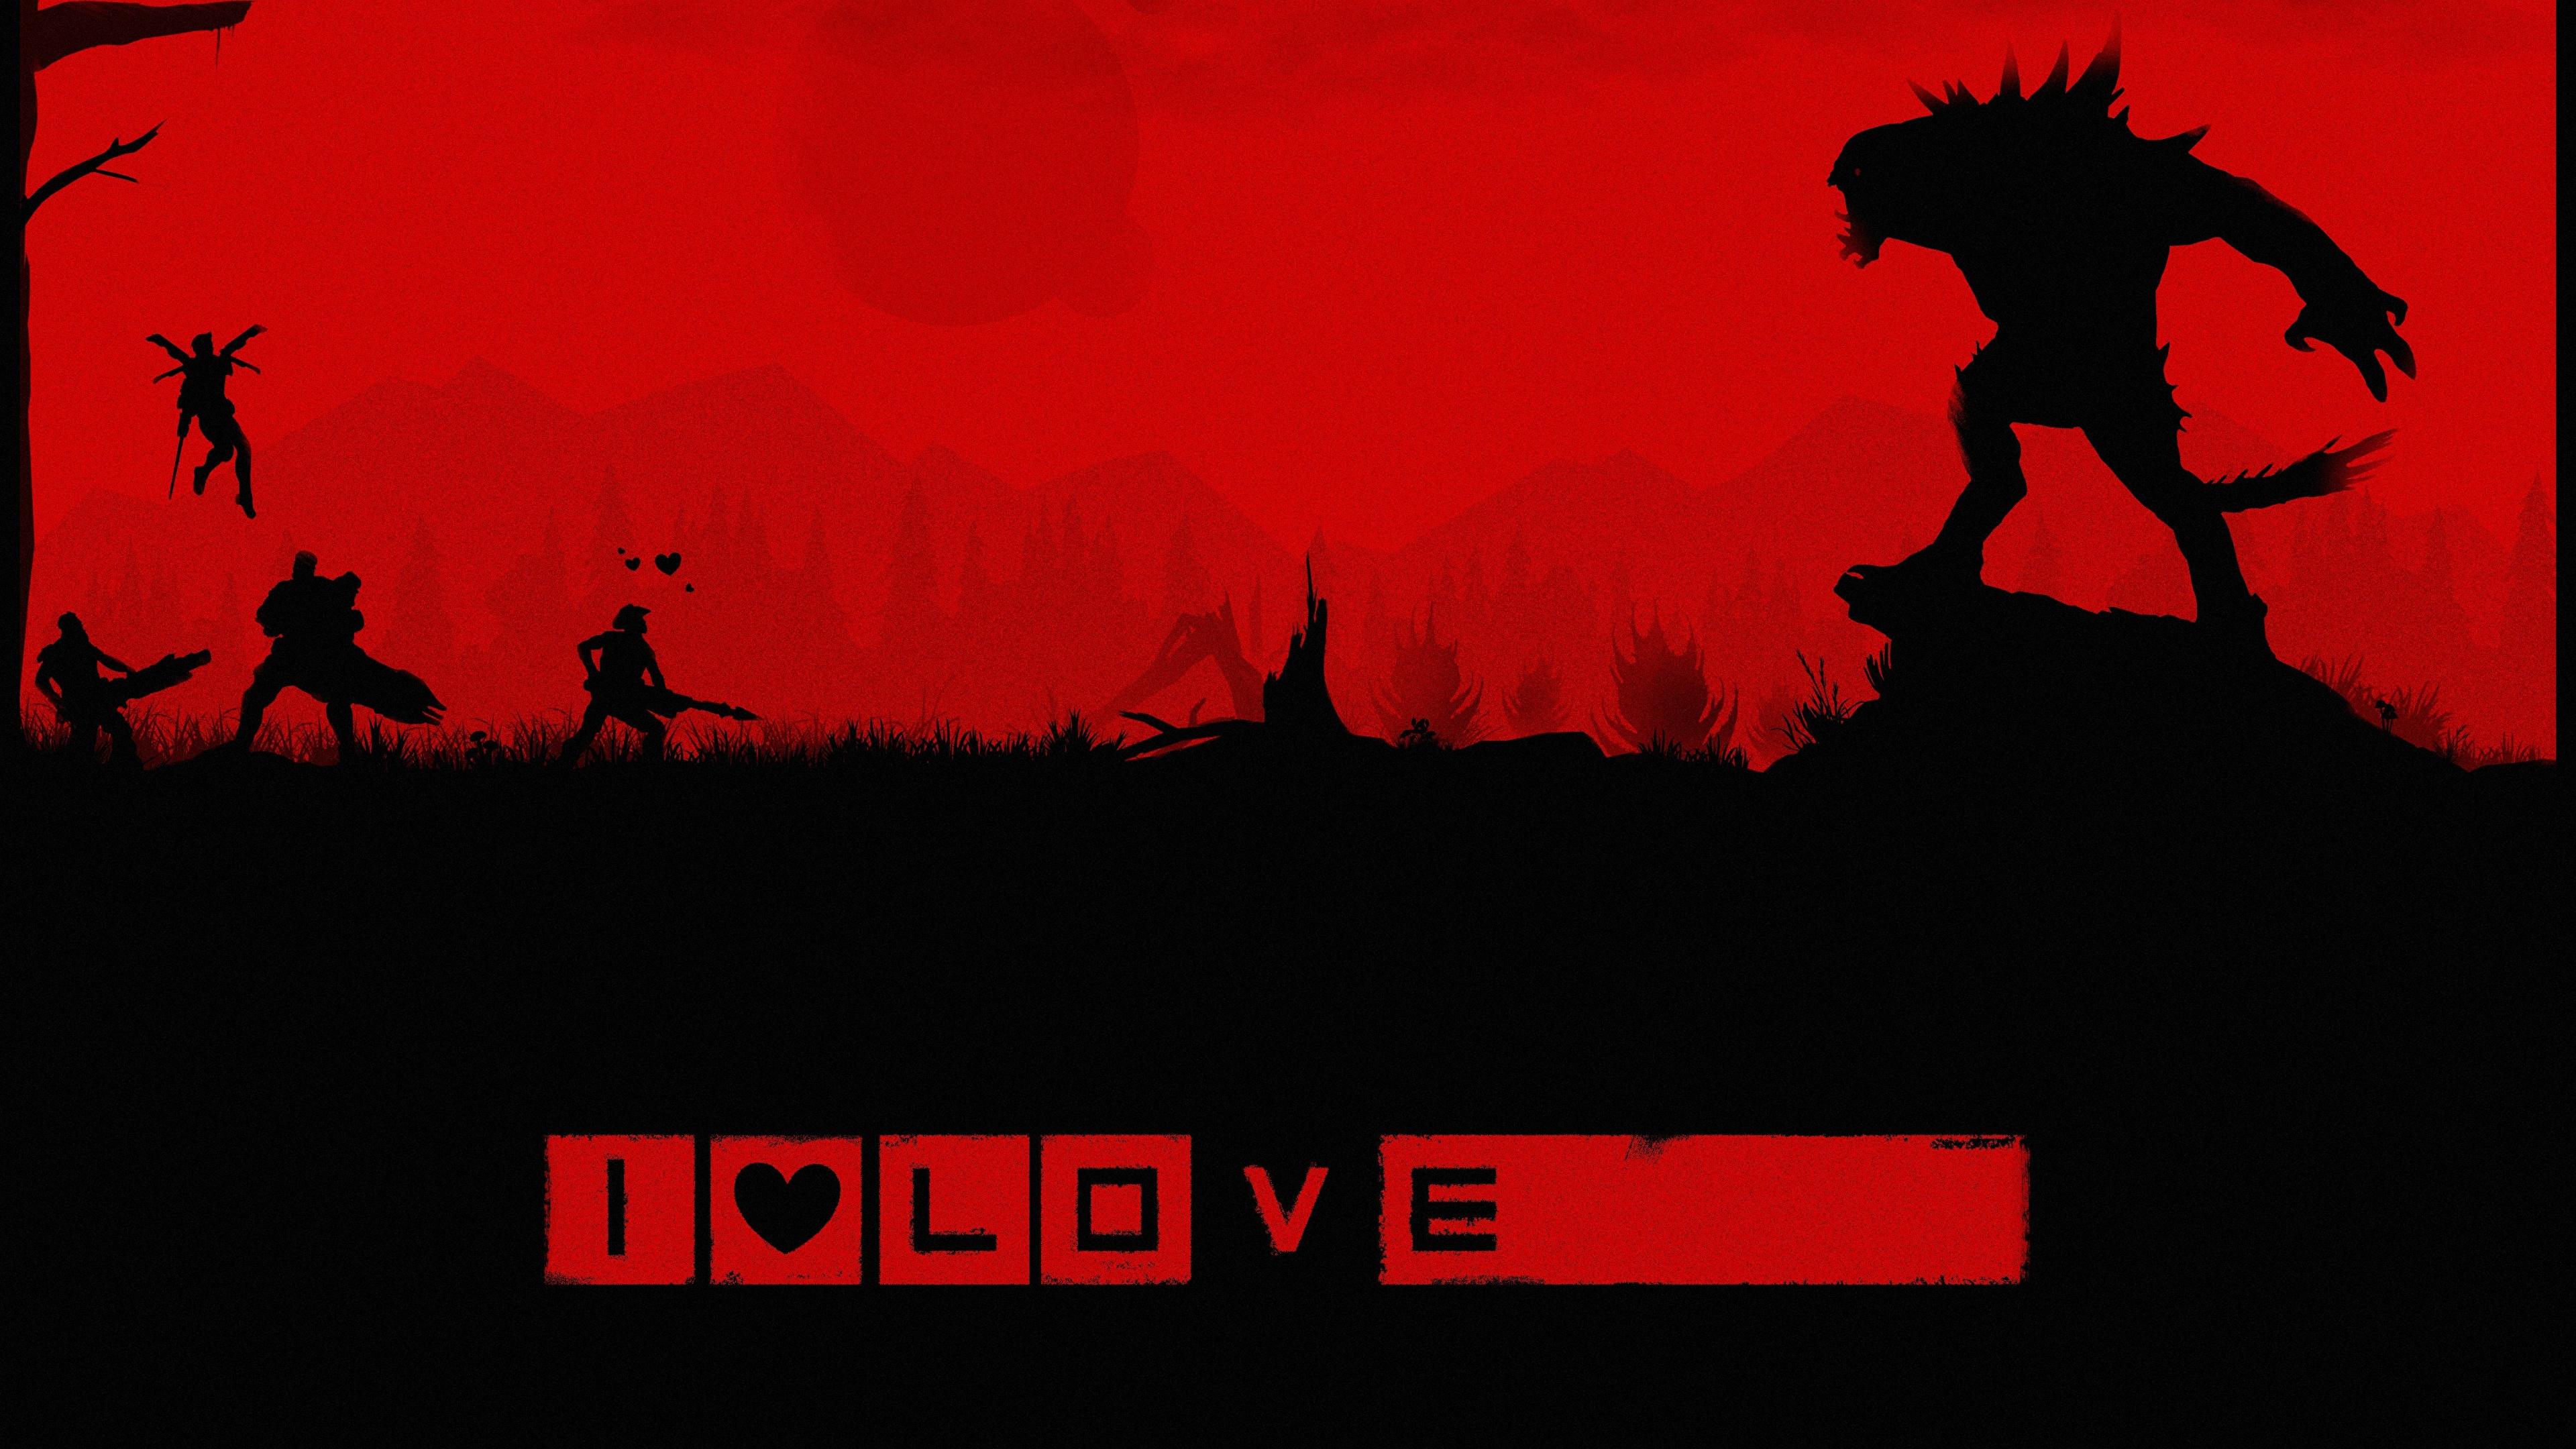 Картинка Evolve игра чудовище воины силуэта Stage 2 Игры 3840x2160 монстр Монстры воин Воители Силуэт силуэты компьютерная игра